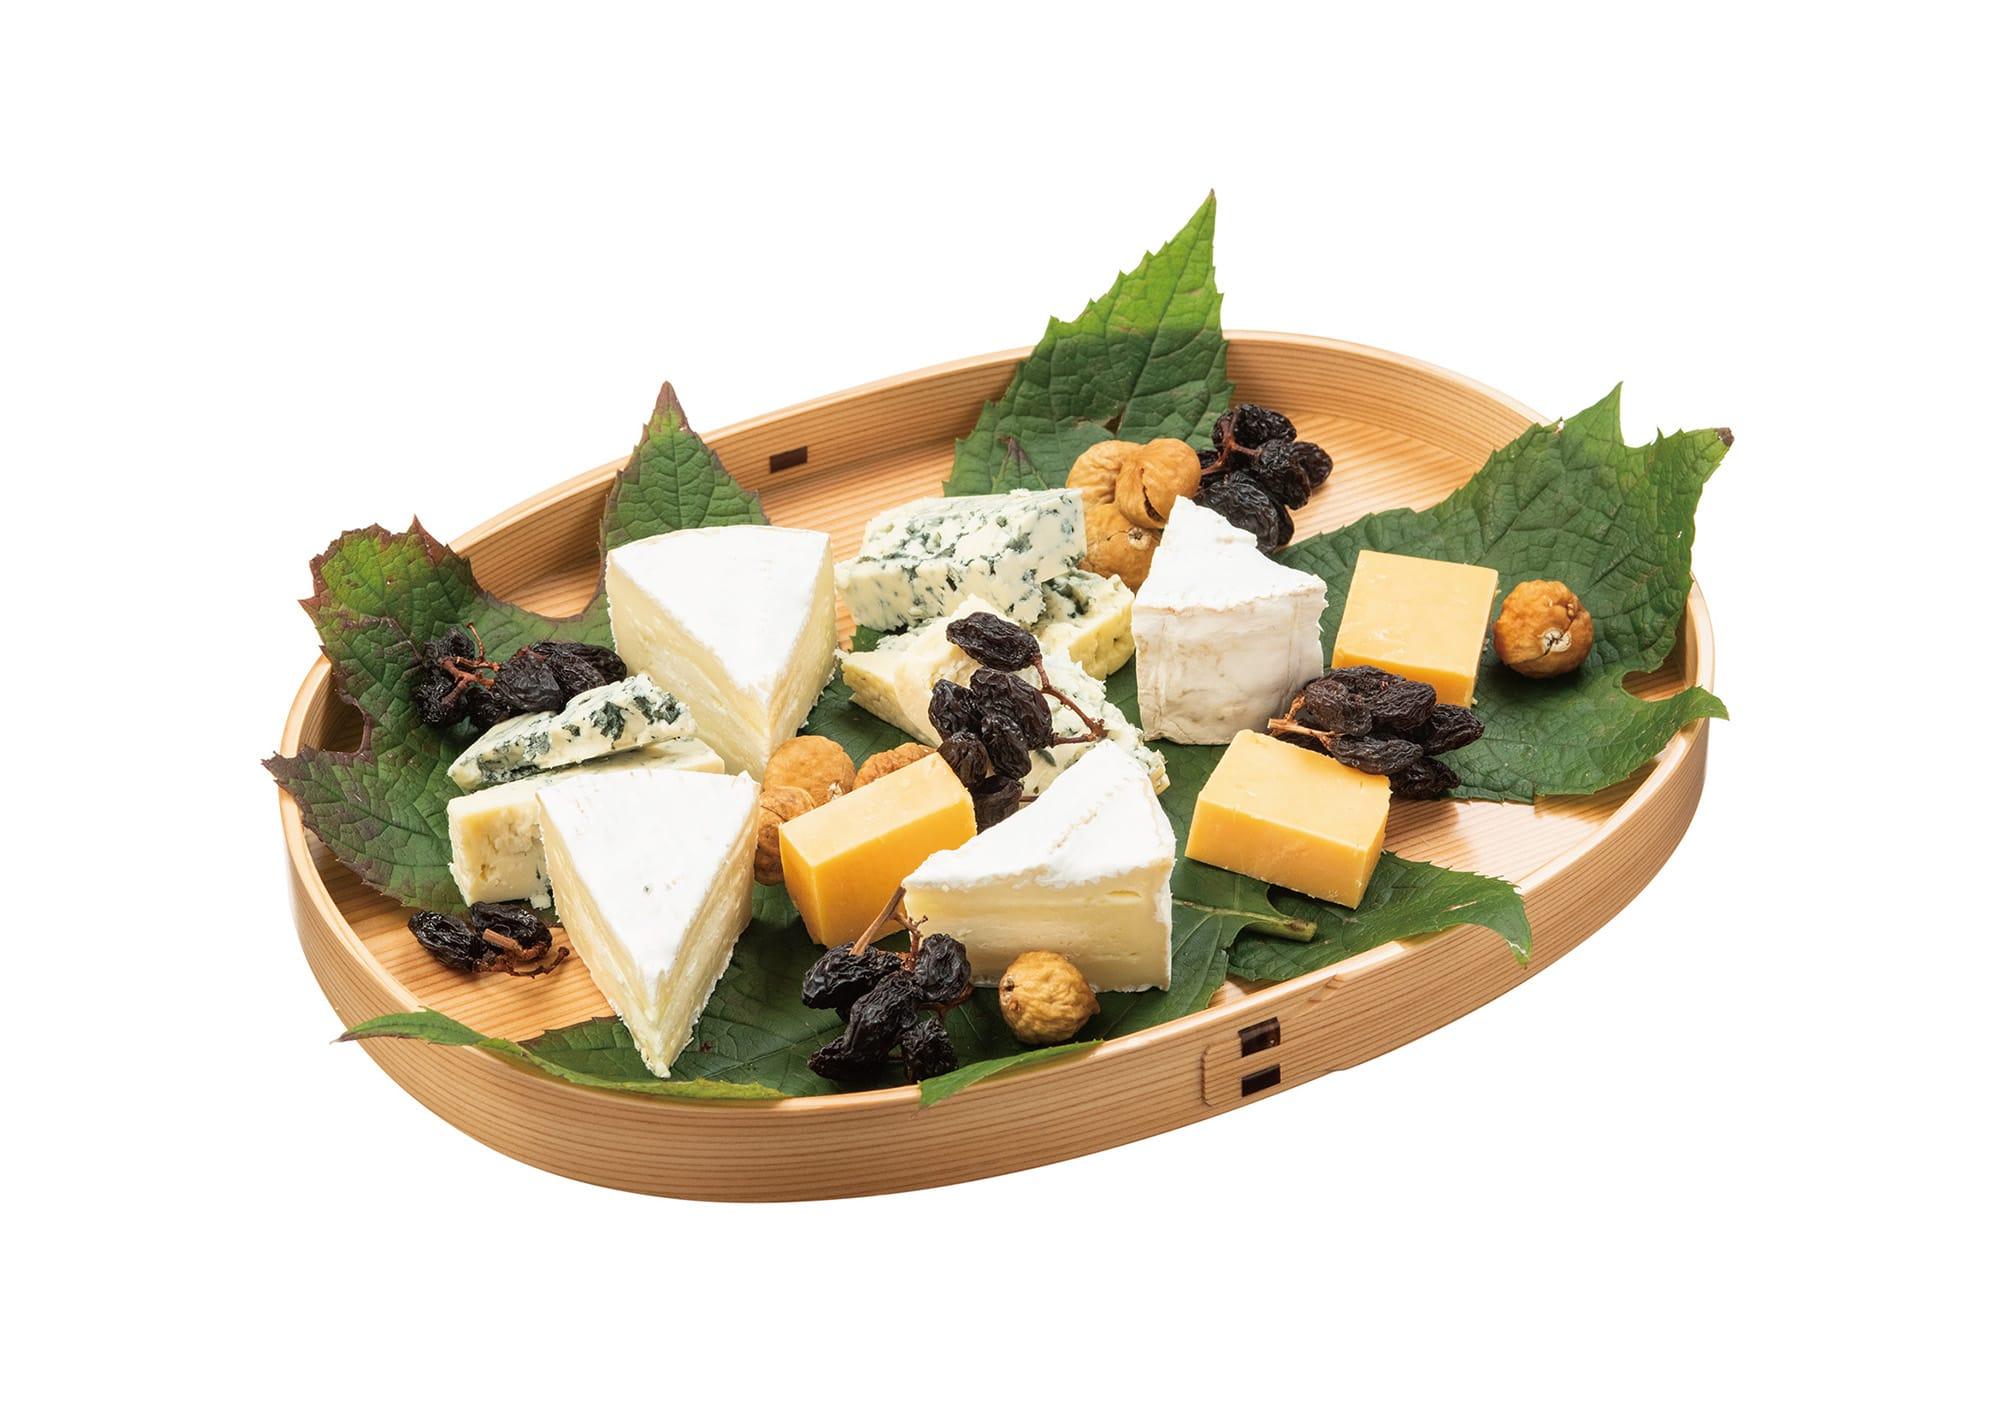 小判形盆にチーズやドライフルーツをのせて。同じ盆でも使い方次第で違う表情を見せる。